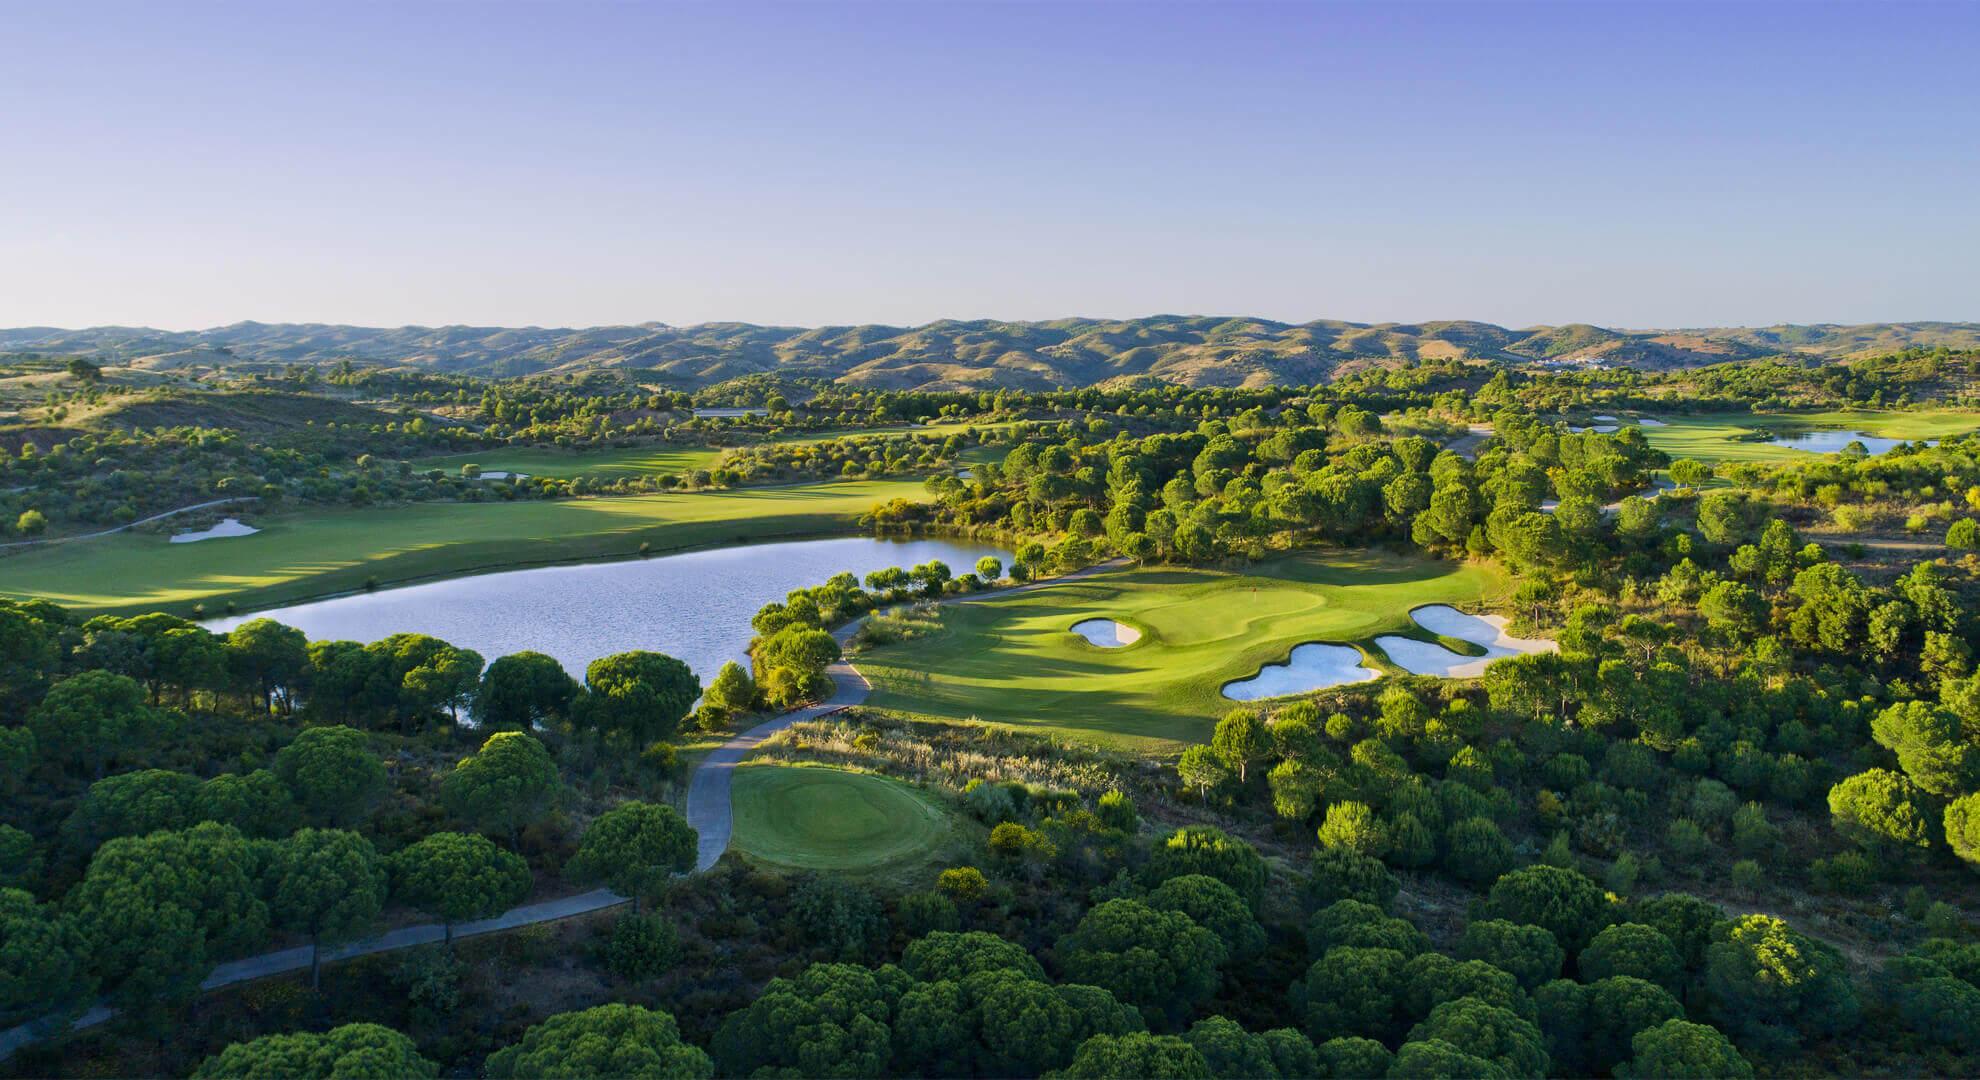 Monte Rei North Golf Course, Portugal